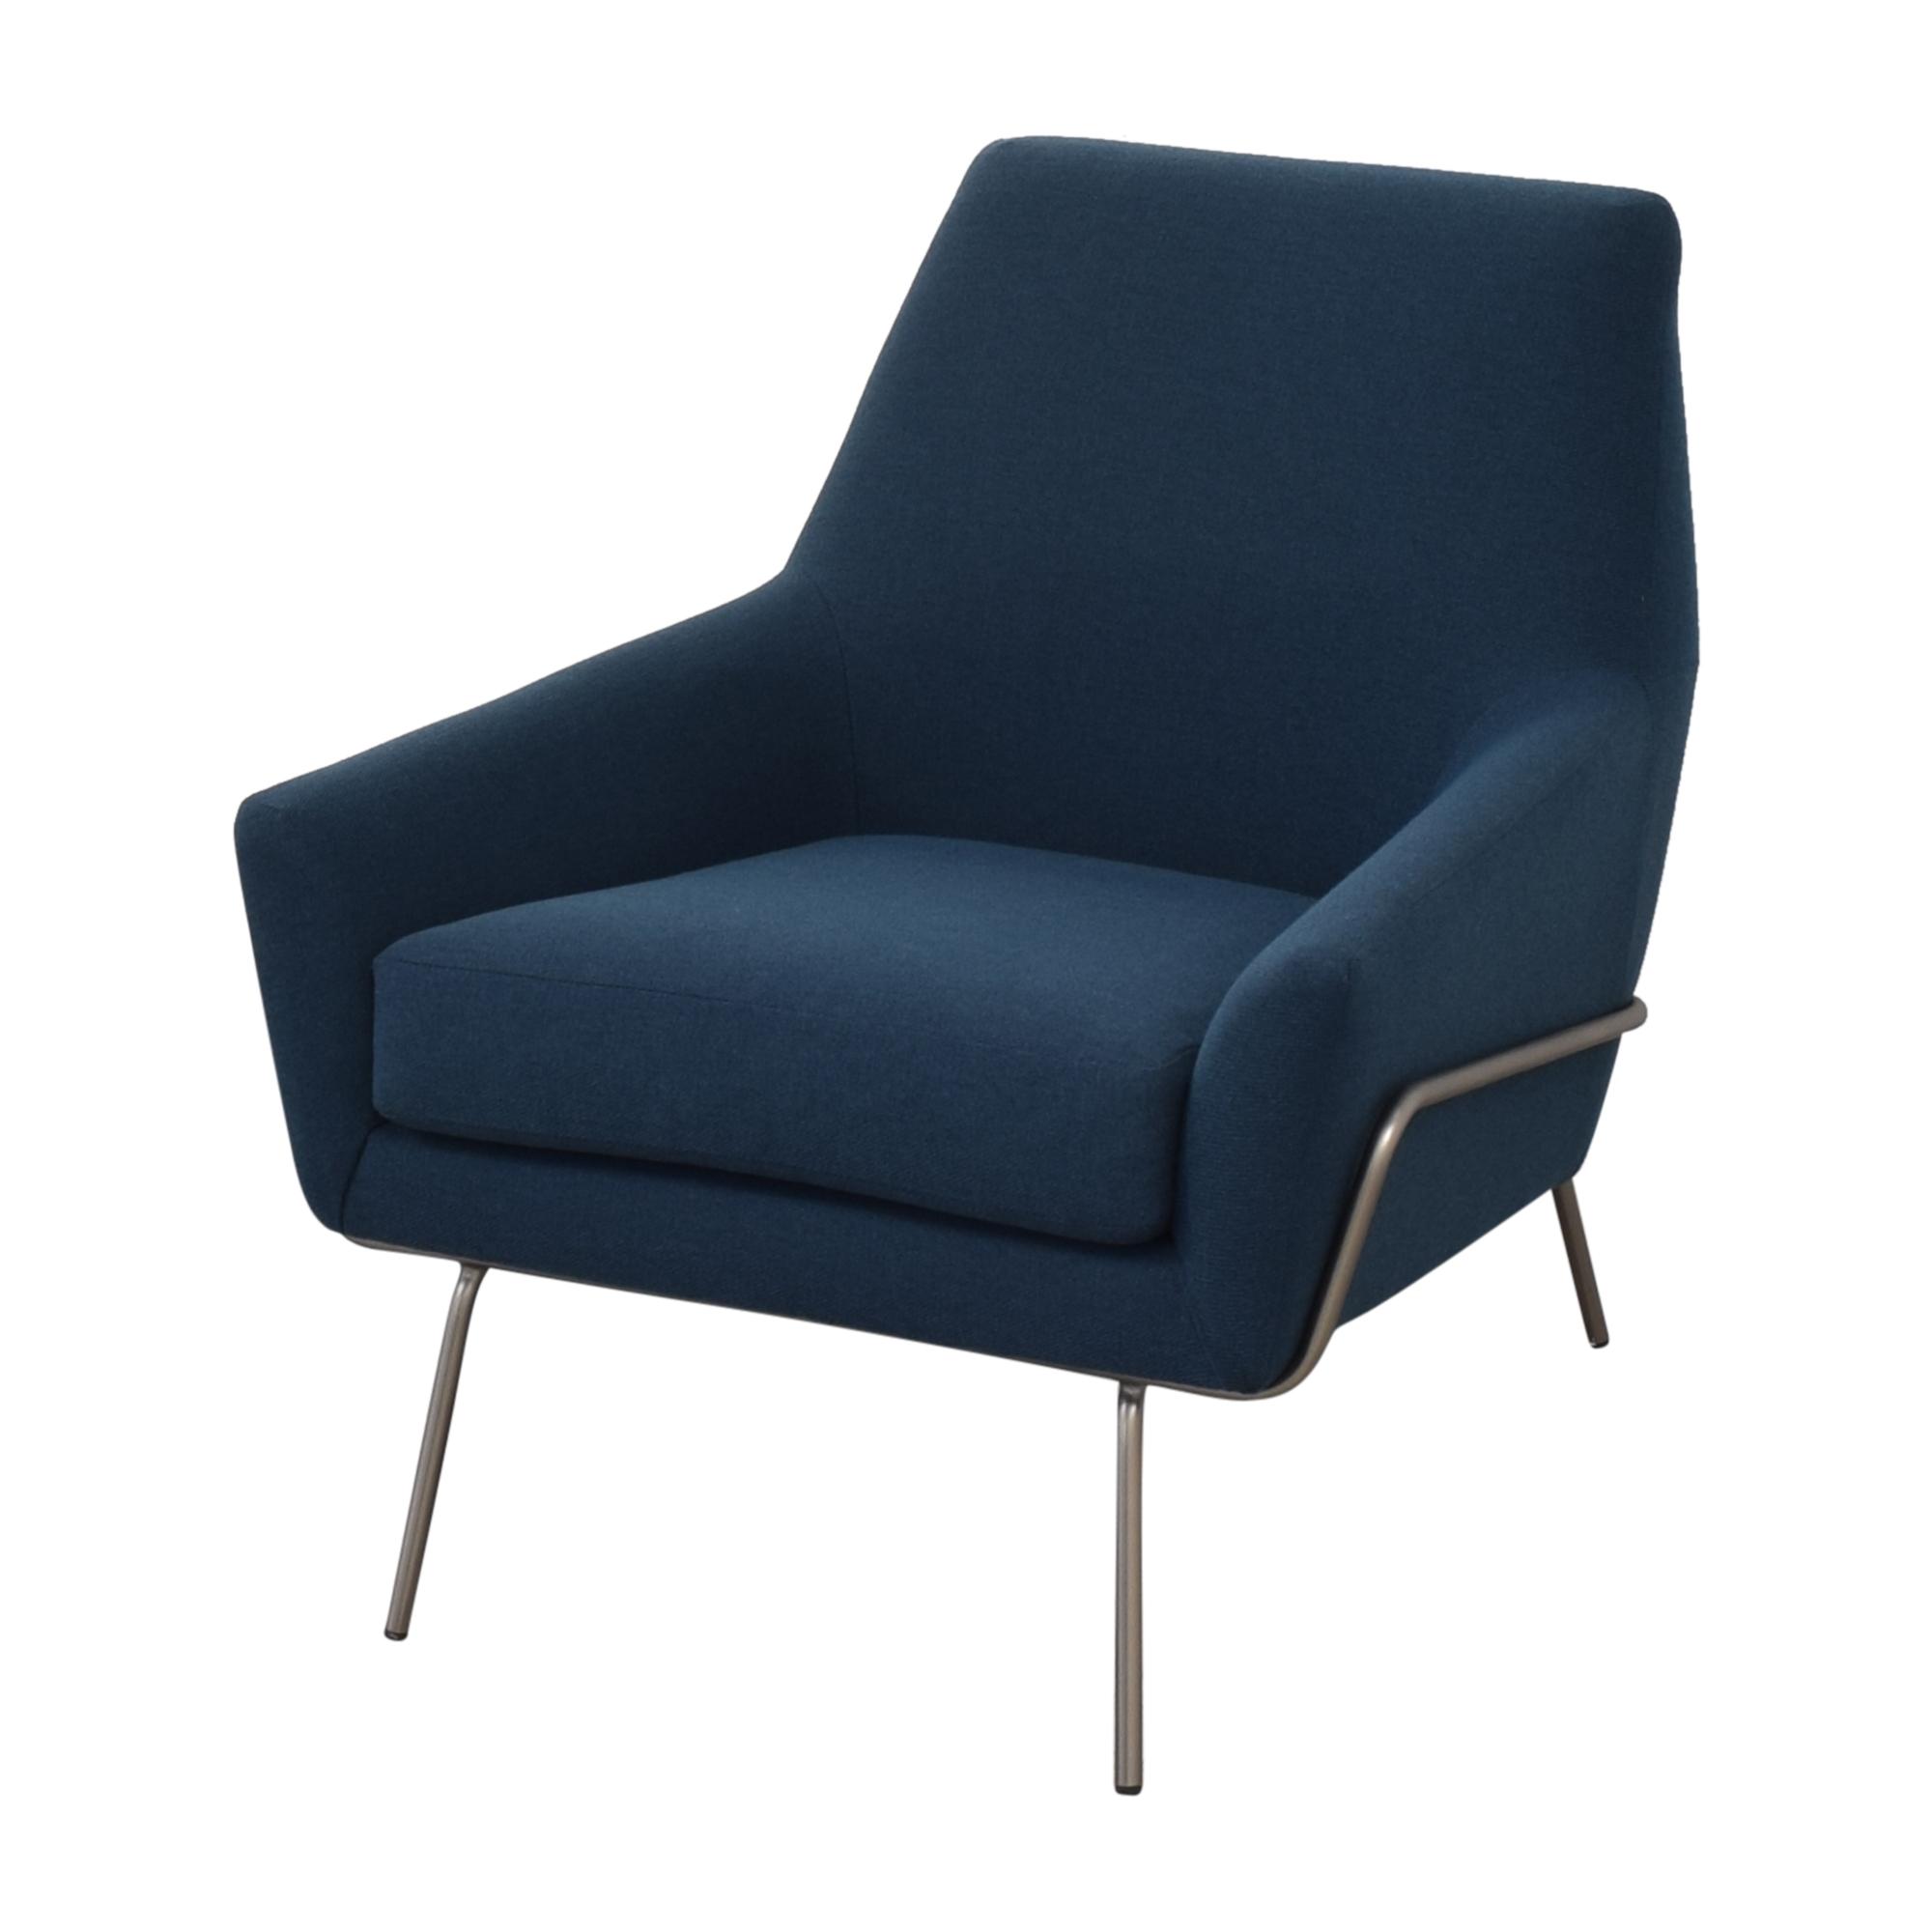 shop West Elm West Elm Lucas Wire Base Chair online